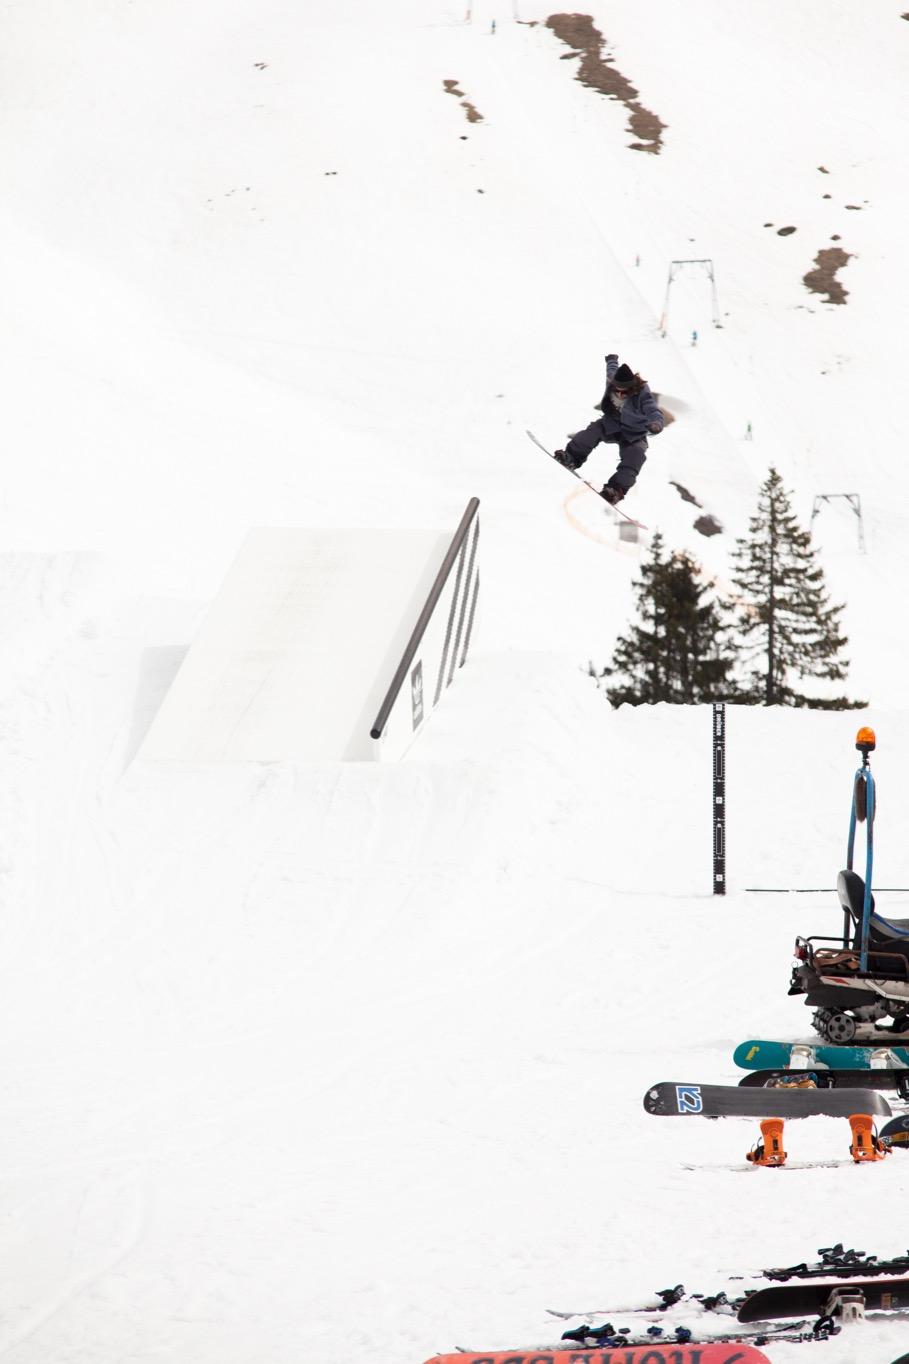 Zum Abschluss der Saison wurde nochmal richtig gesendet im Snowpark Grasgehren - Foto: David Lis